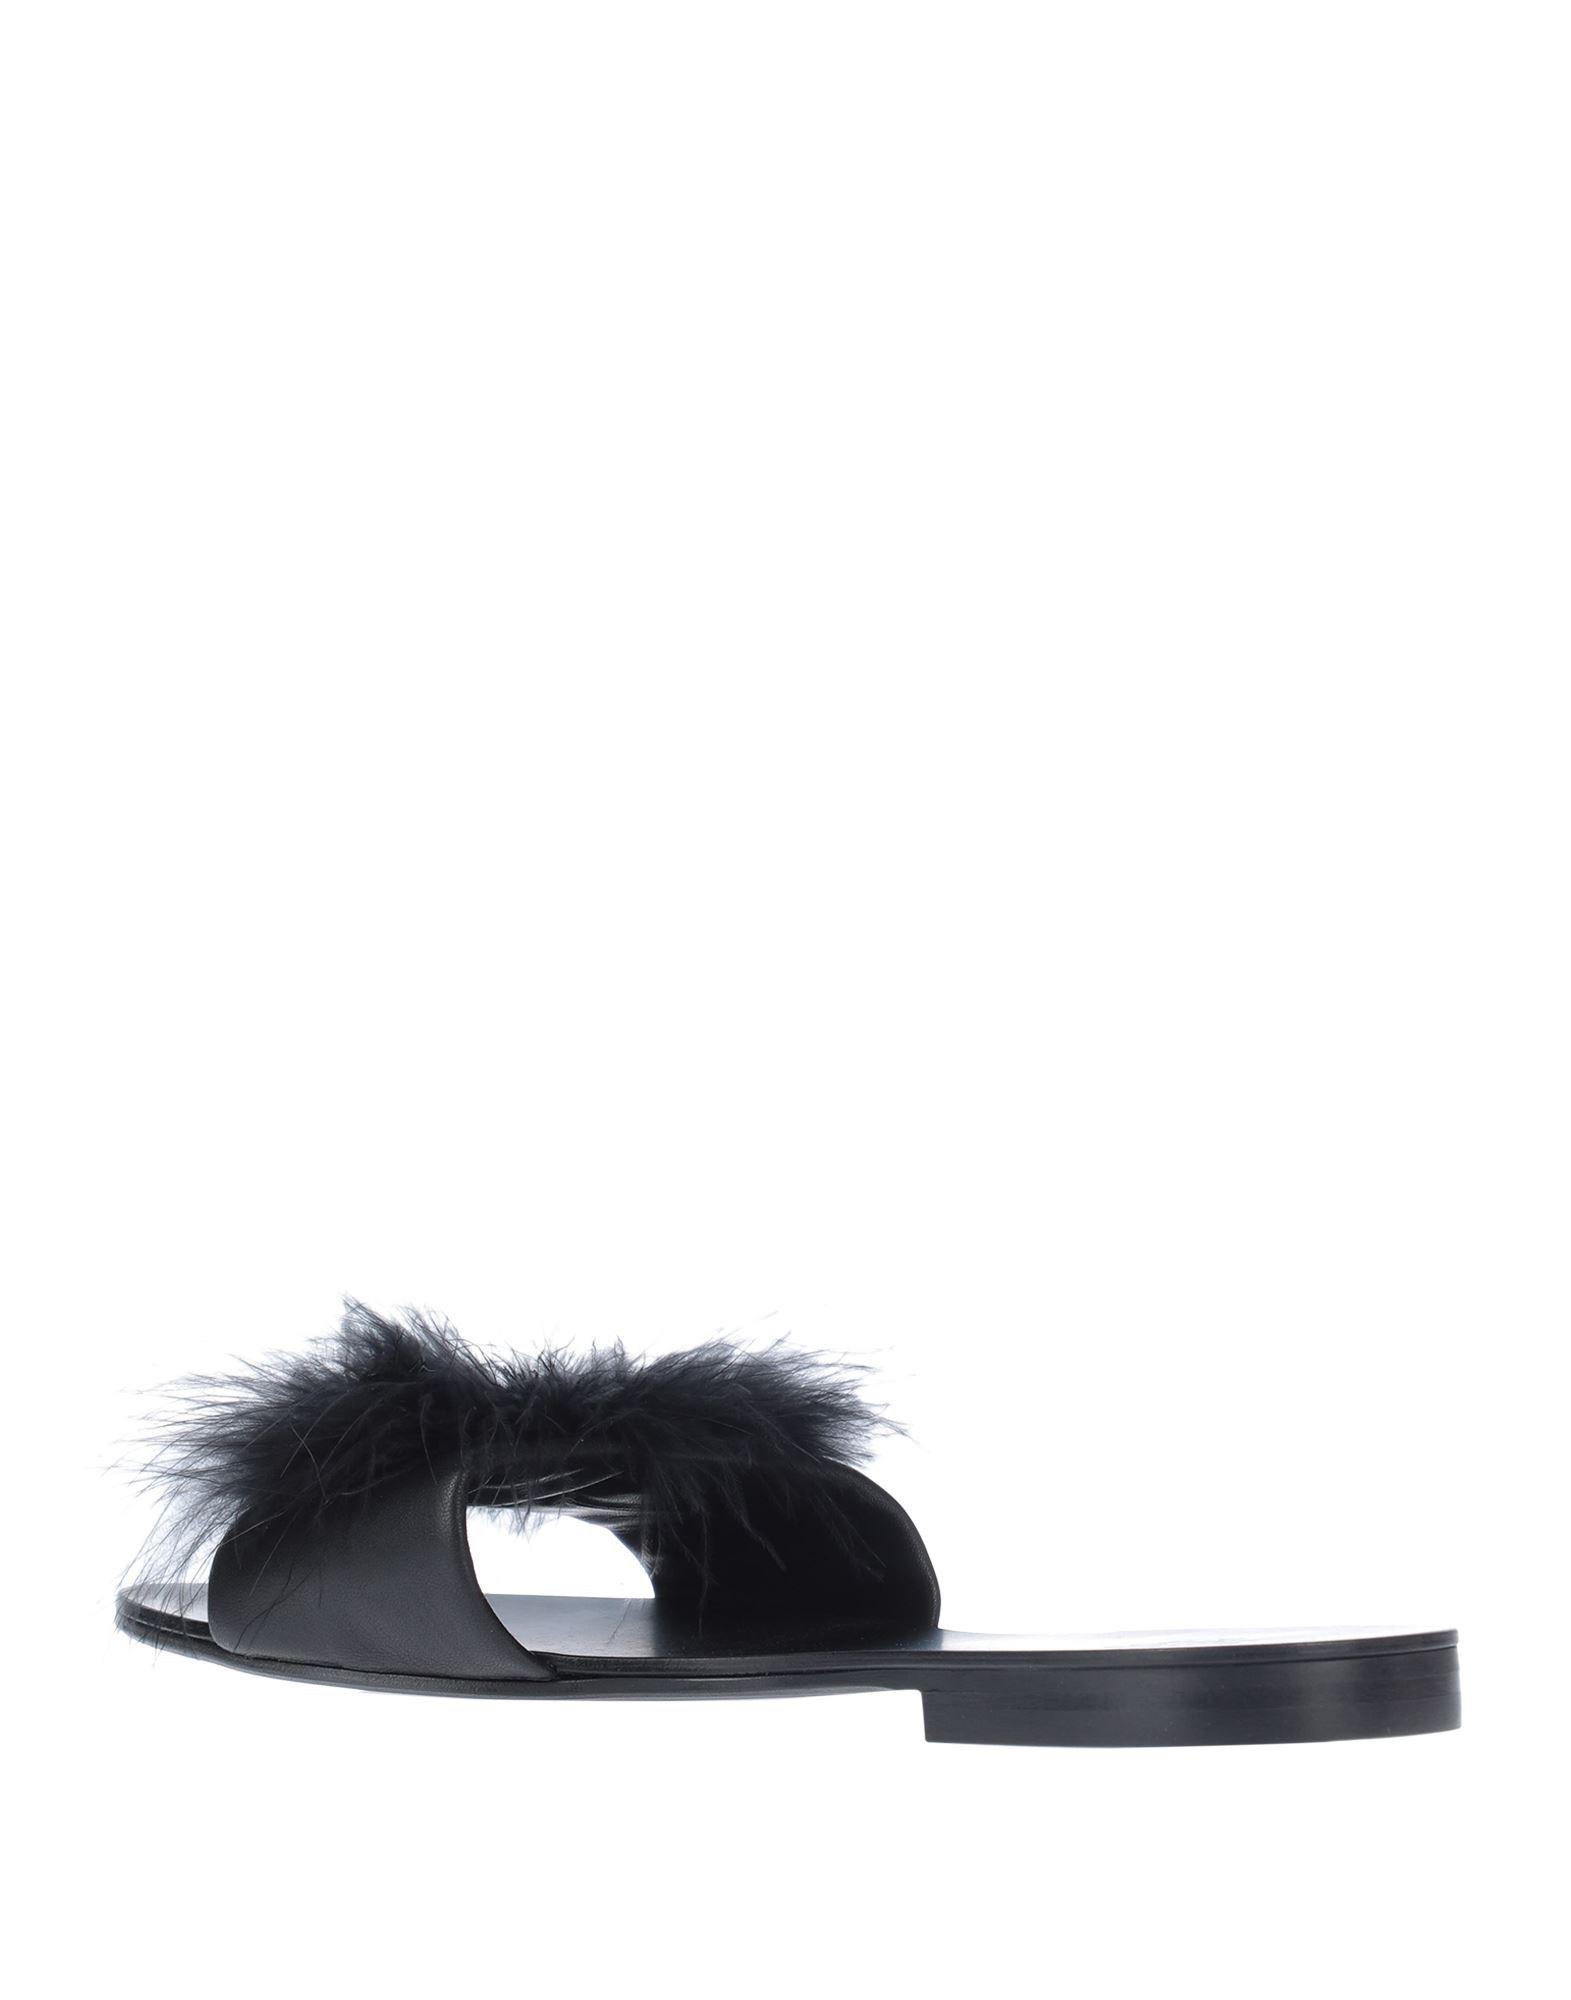 Le Petit Trou Black Leather Sliders